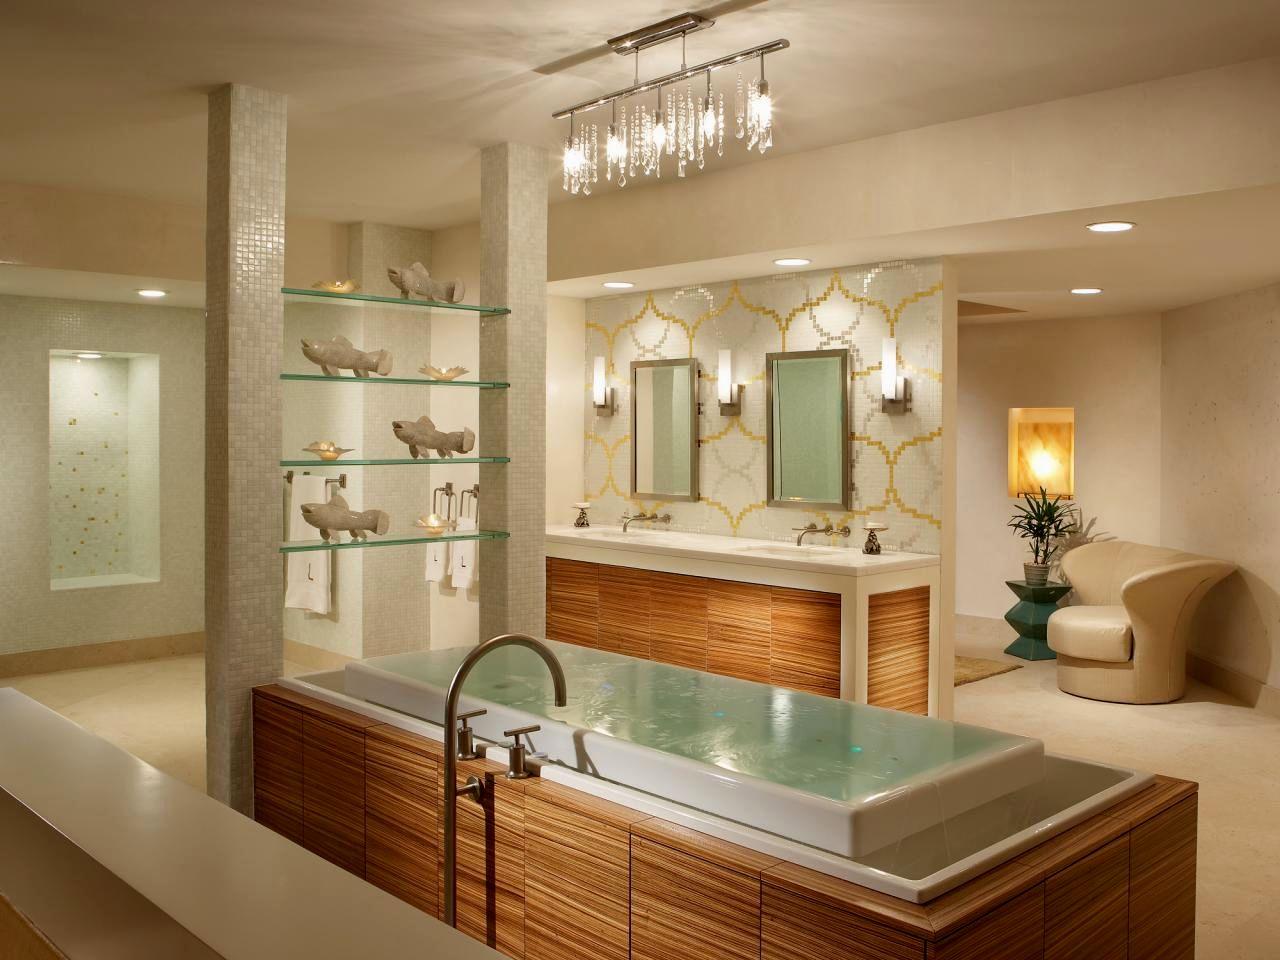 contemporary jack and jill bathroom designs concept-Fantastic Jack and Jill Bathroom Designs Architecture